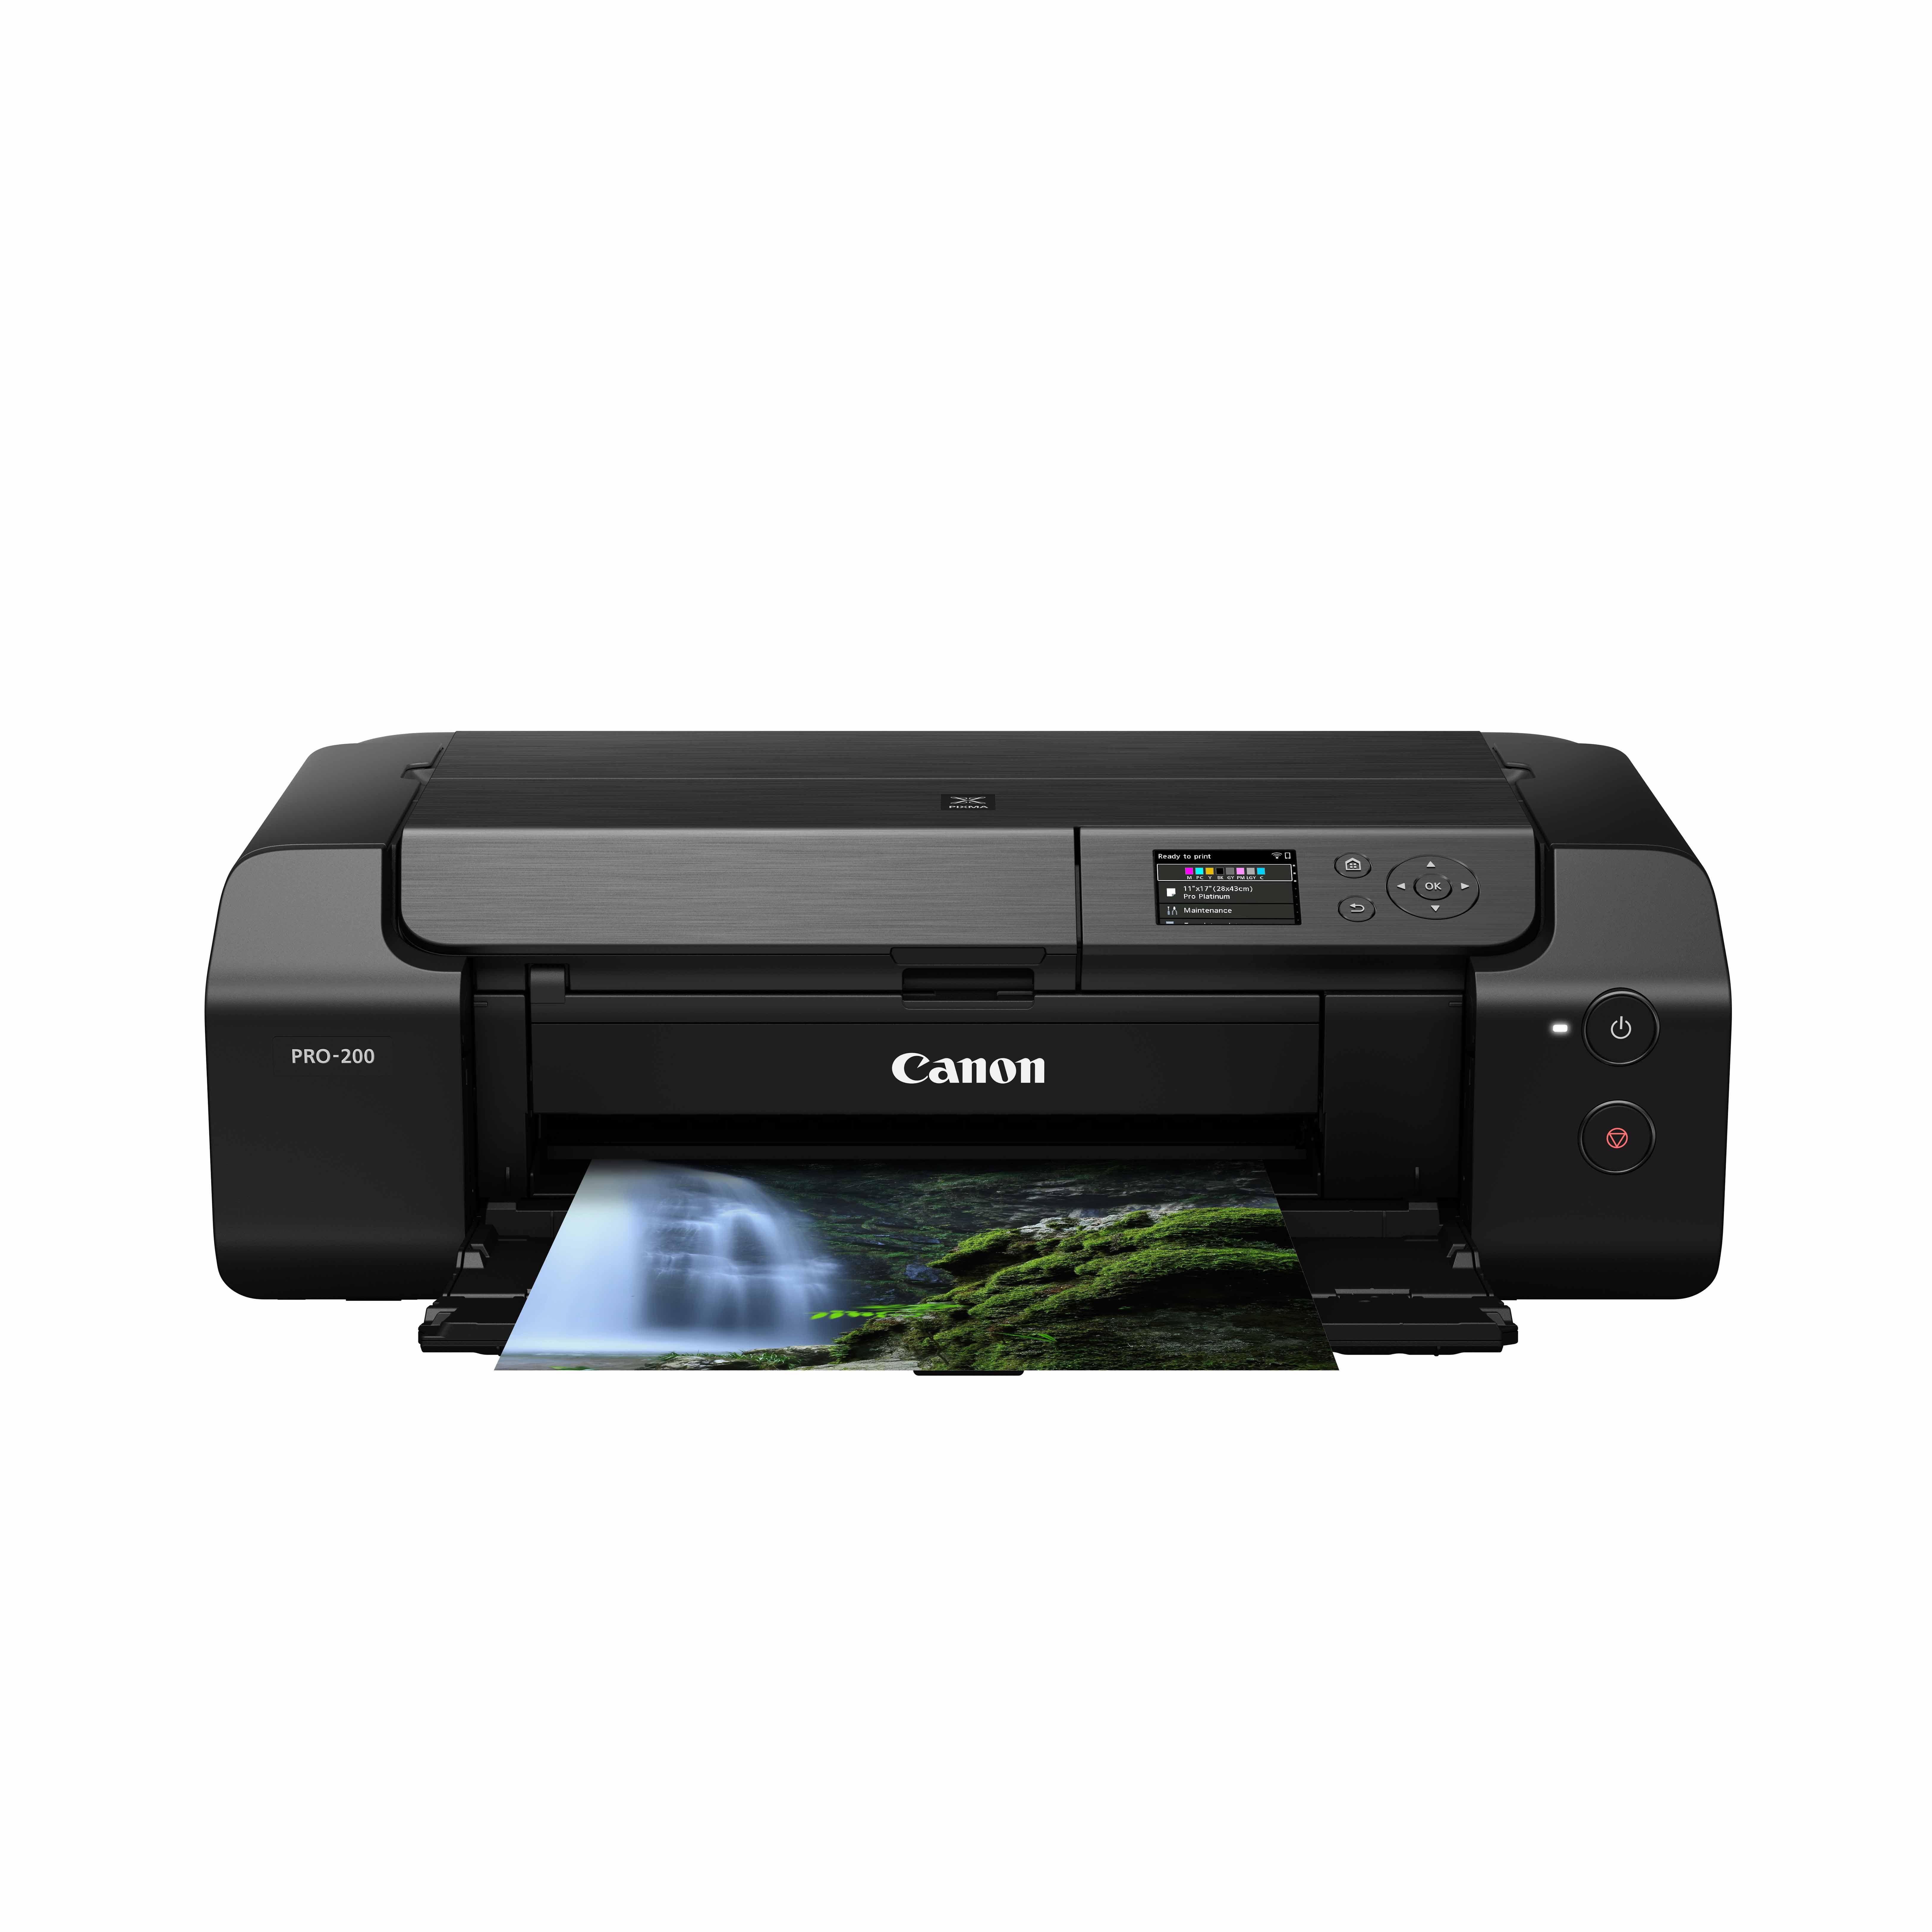 佳能(Canon)腾彩PIXMA A3+幅面专业照片喷墨打印机PRO-200(无线打印)